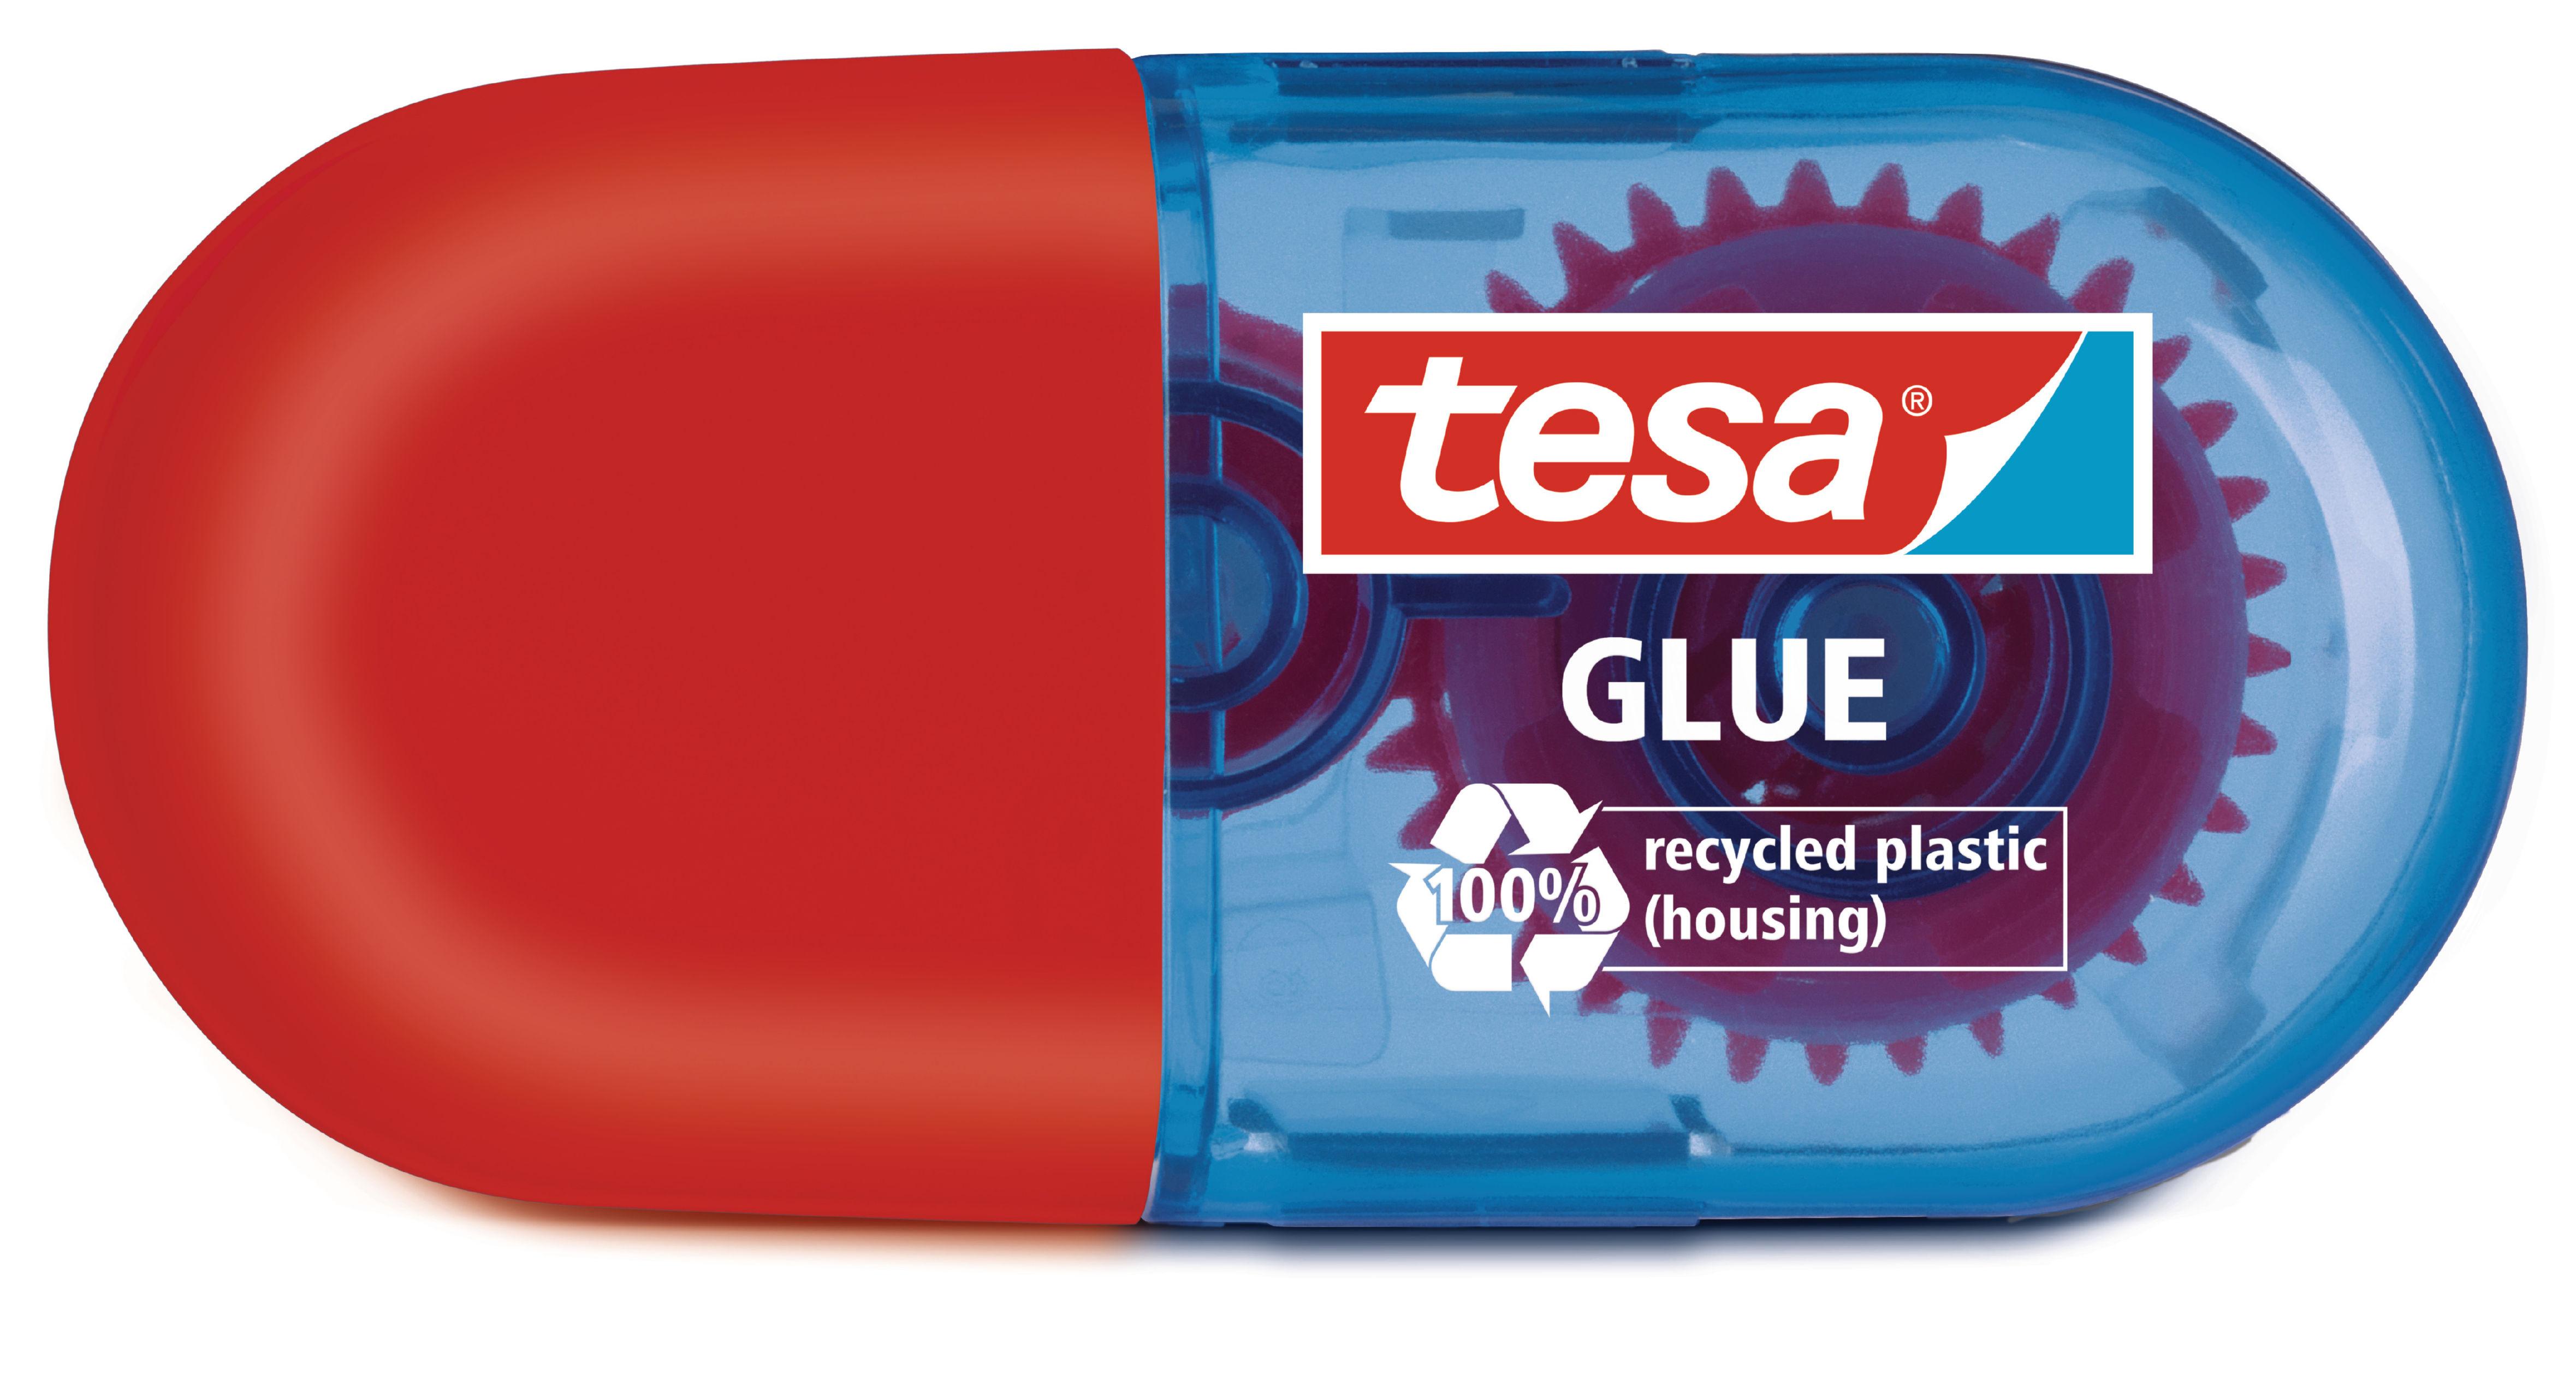 tesa Mini Glue 5mm x 6M 59820 PK2